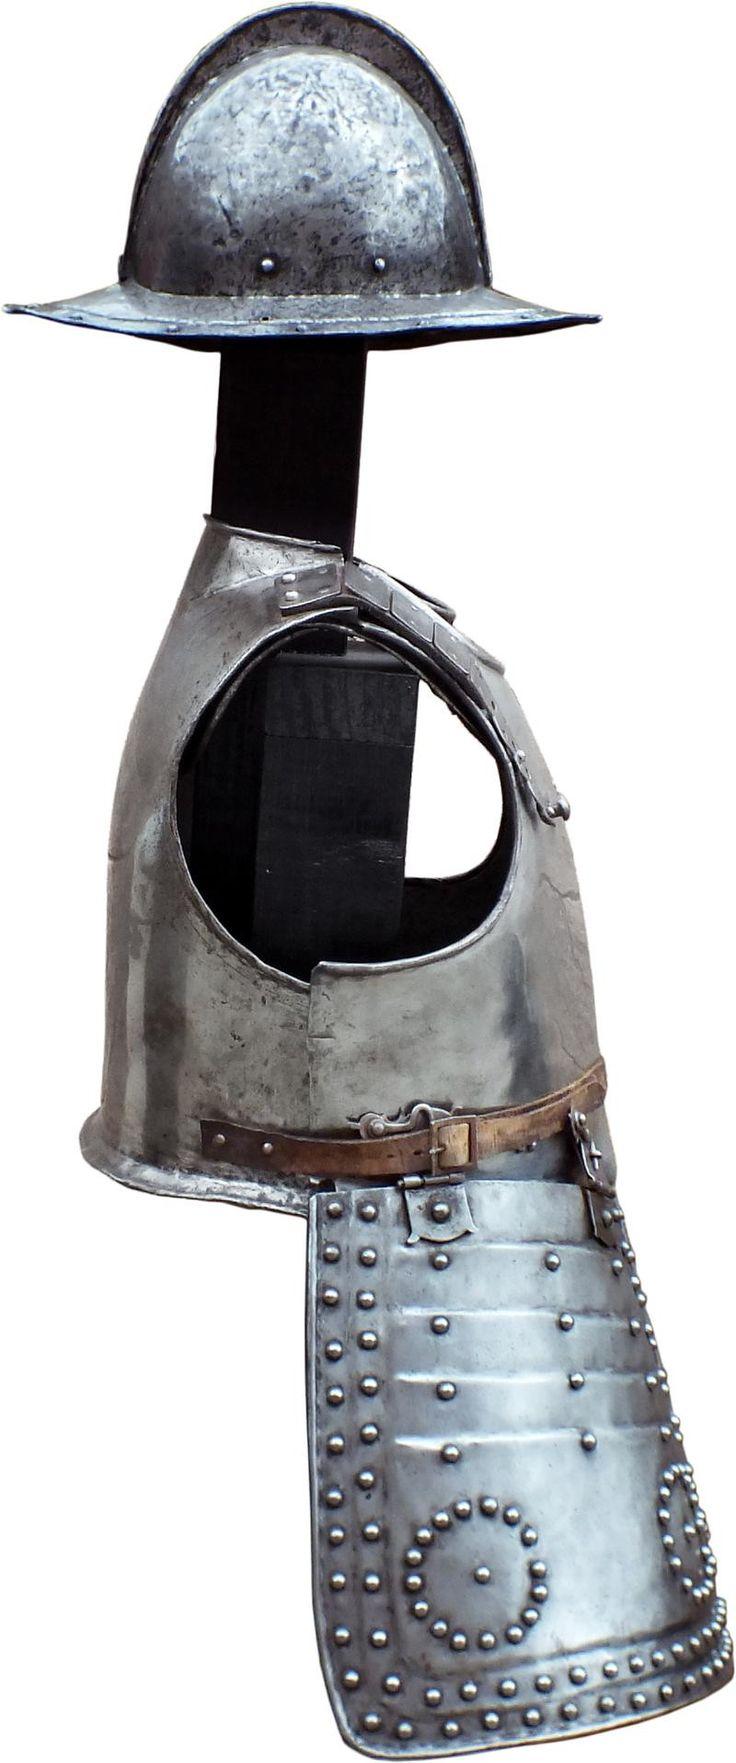 AN ENGLISH PIKEMANS ARMOR C.1620-40 – Faganarms, Inc.